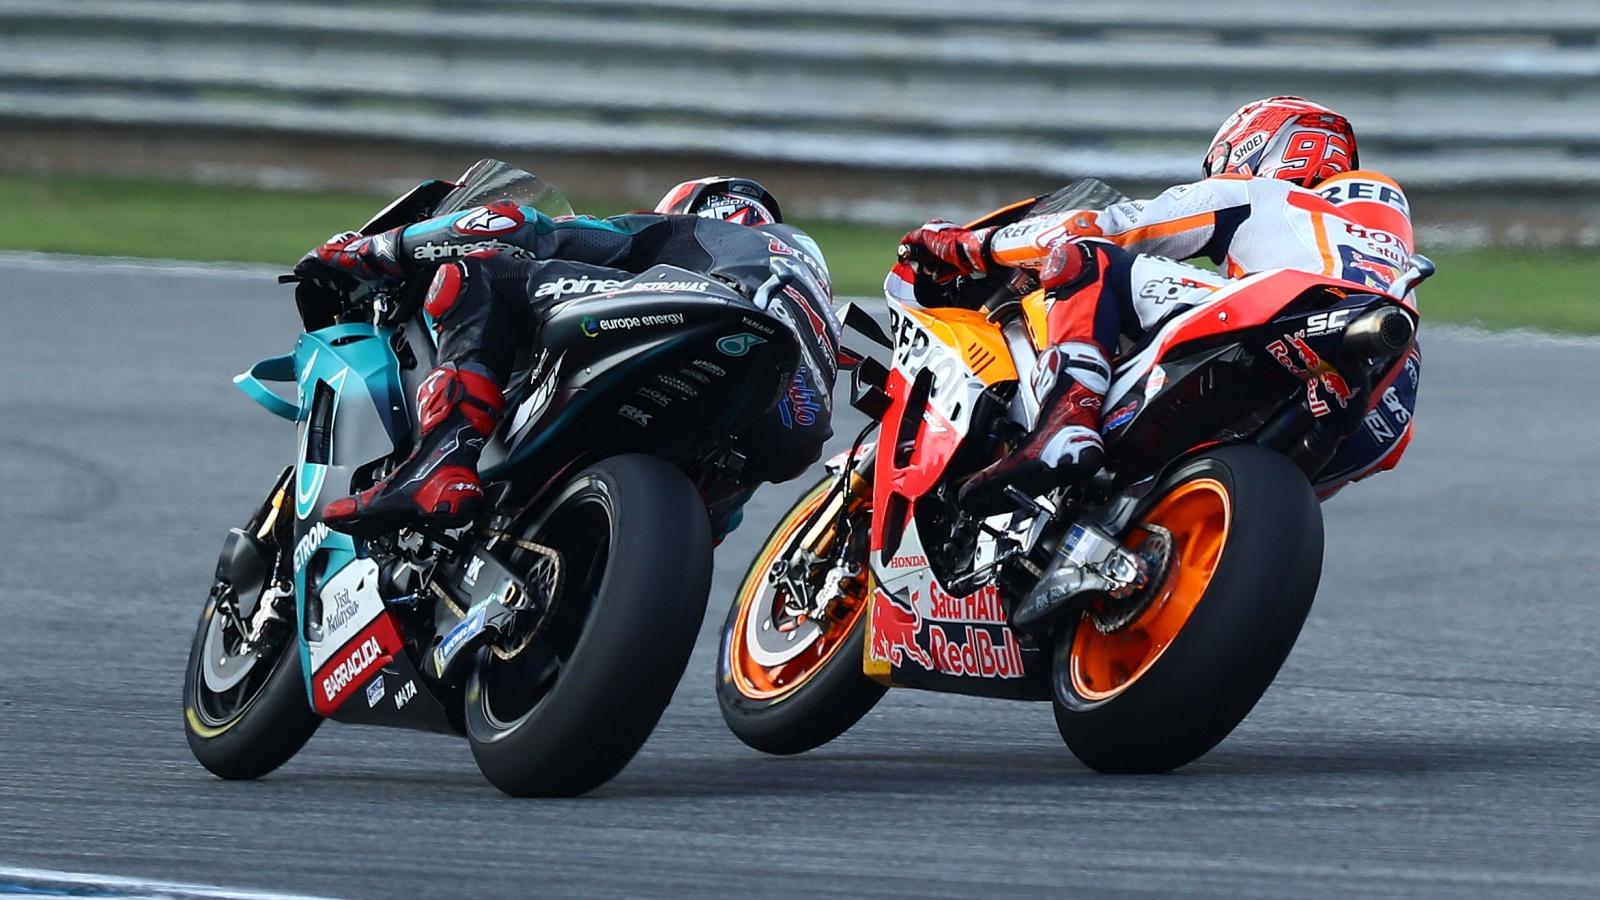 Píldoras MotoGP Tailandia 2019: Victoria doble, más vale tarde y puerta al futuro